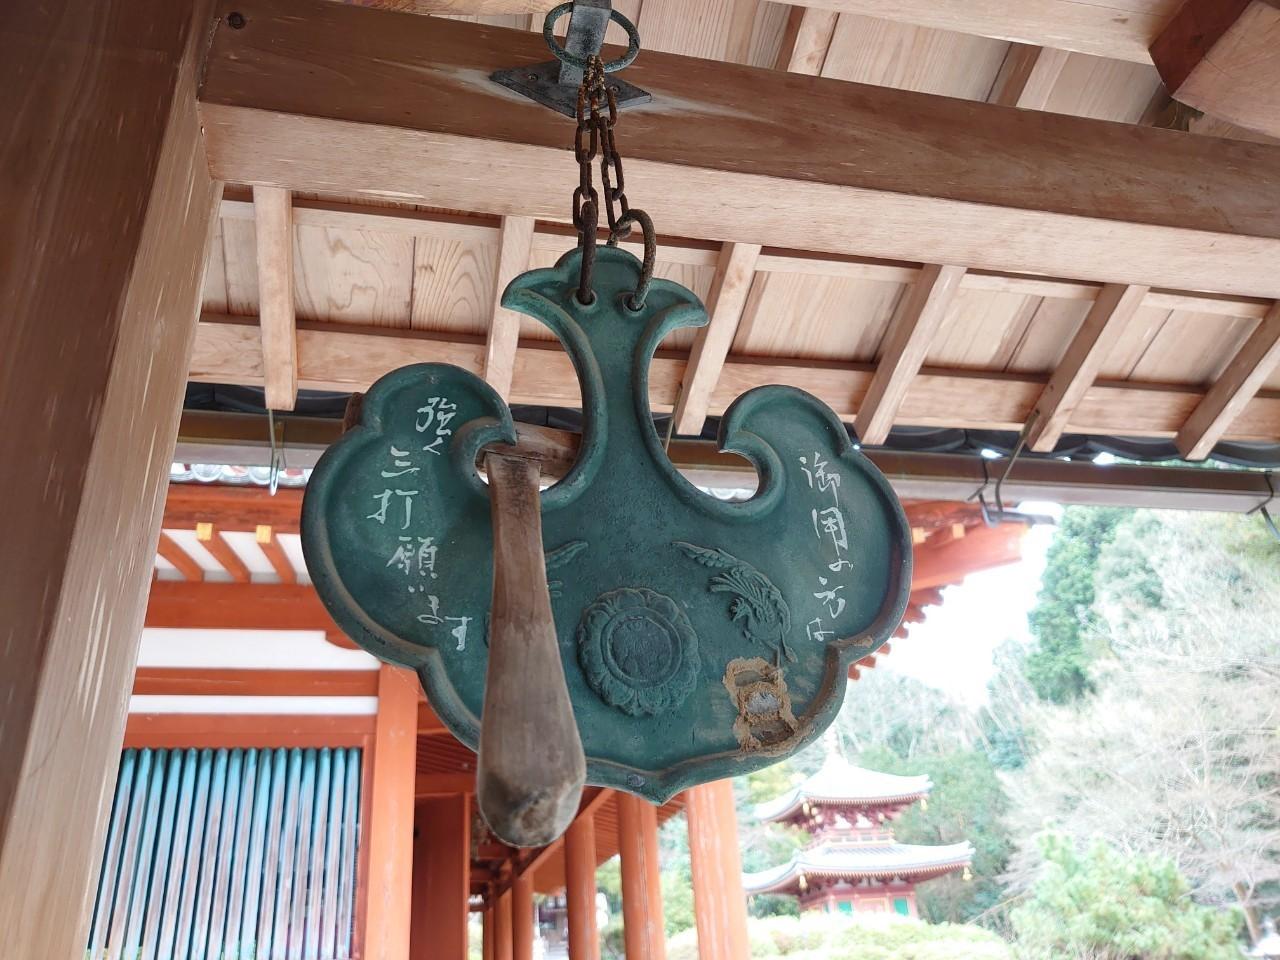 大神神社(おおみわじんじゃ)奈良県桜井市_a0122205_17123425.jpg